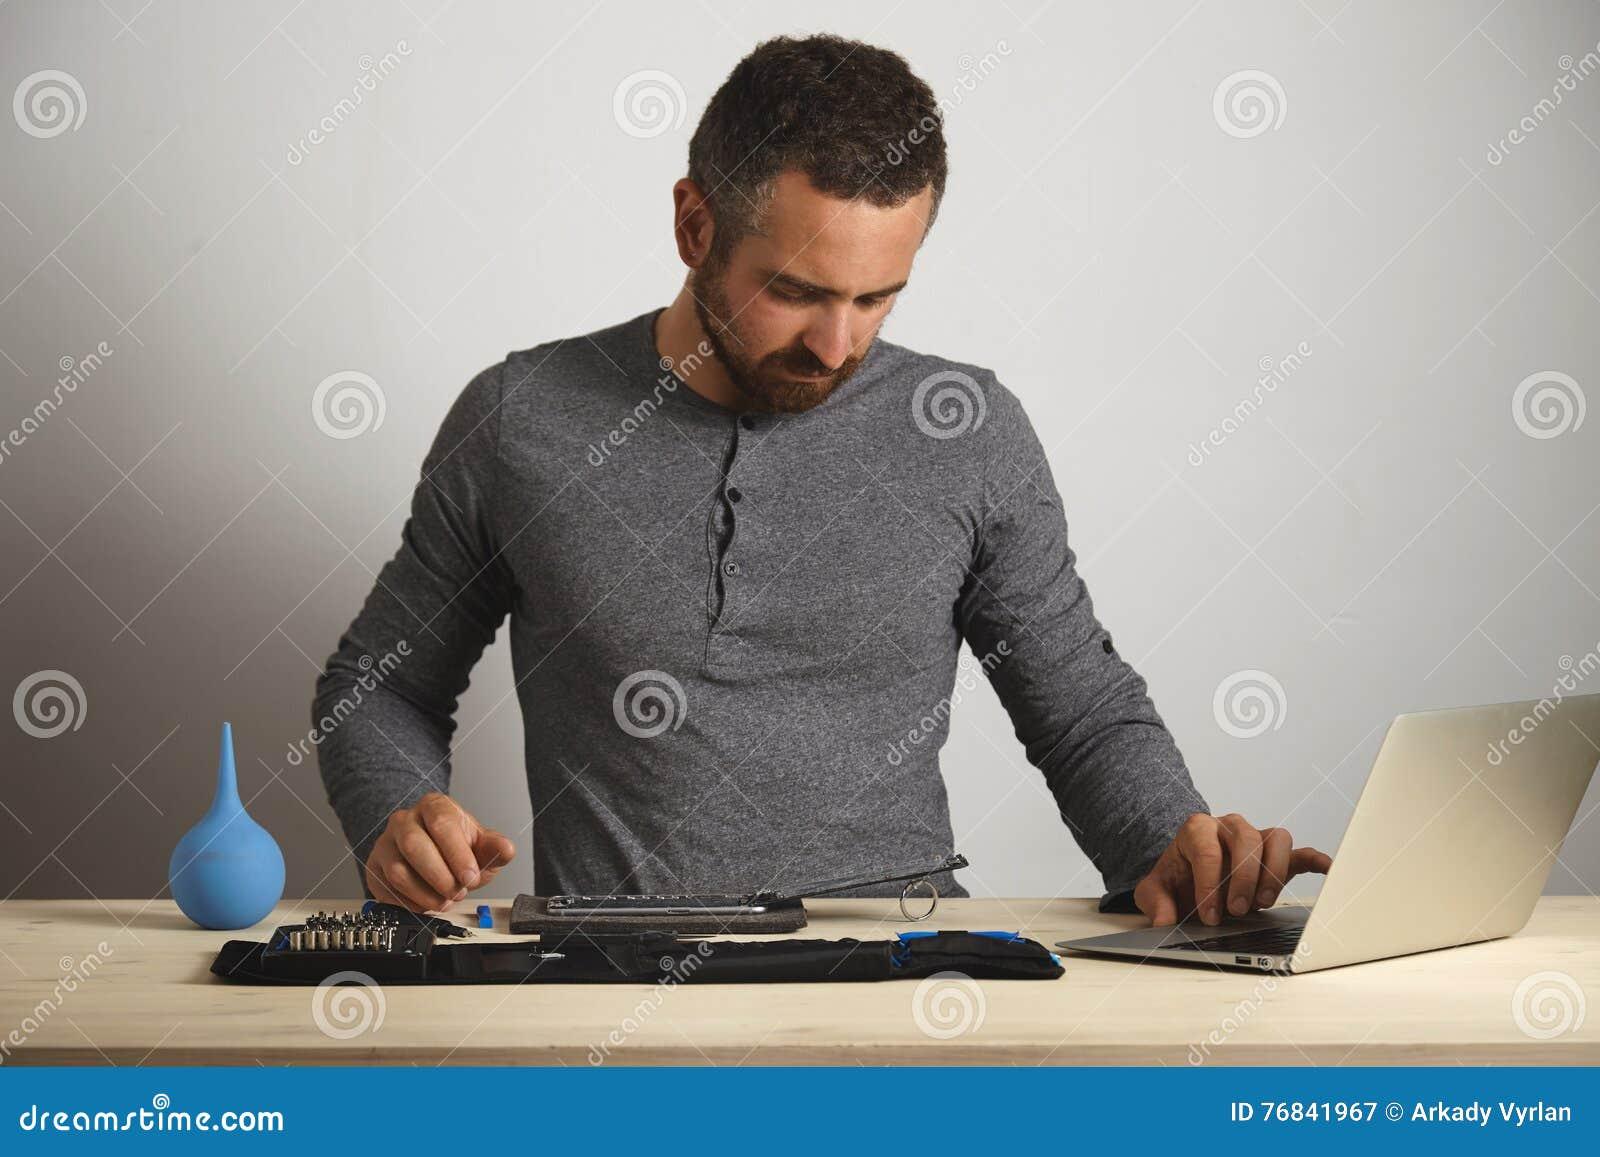 Обслуживание repairment компьютера и телефона